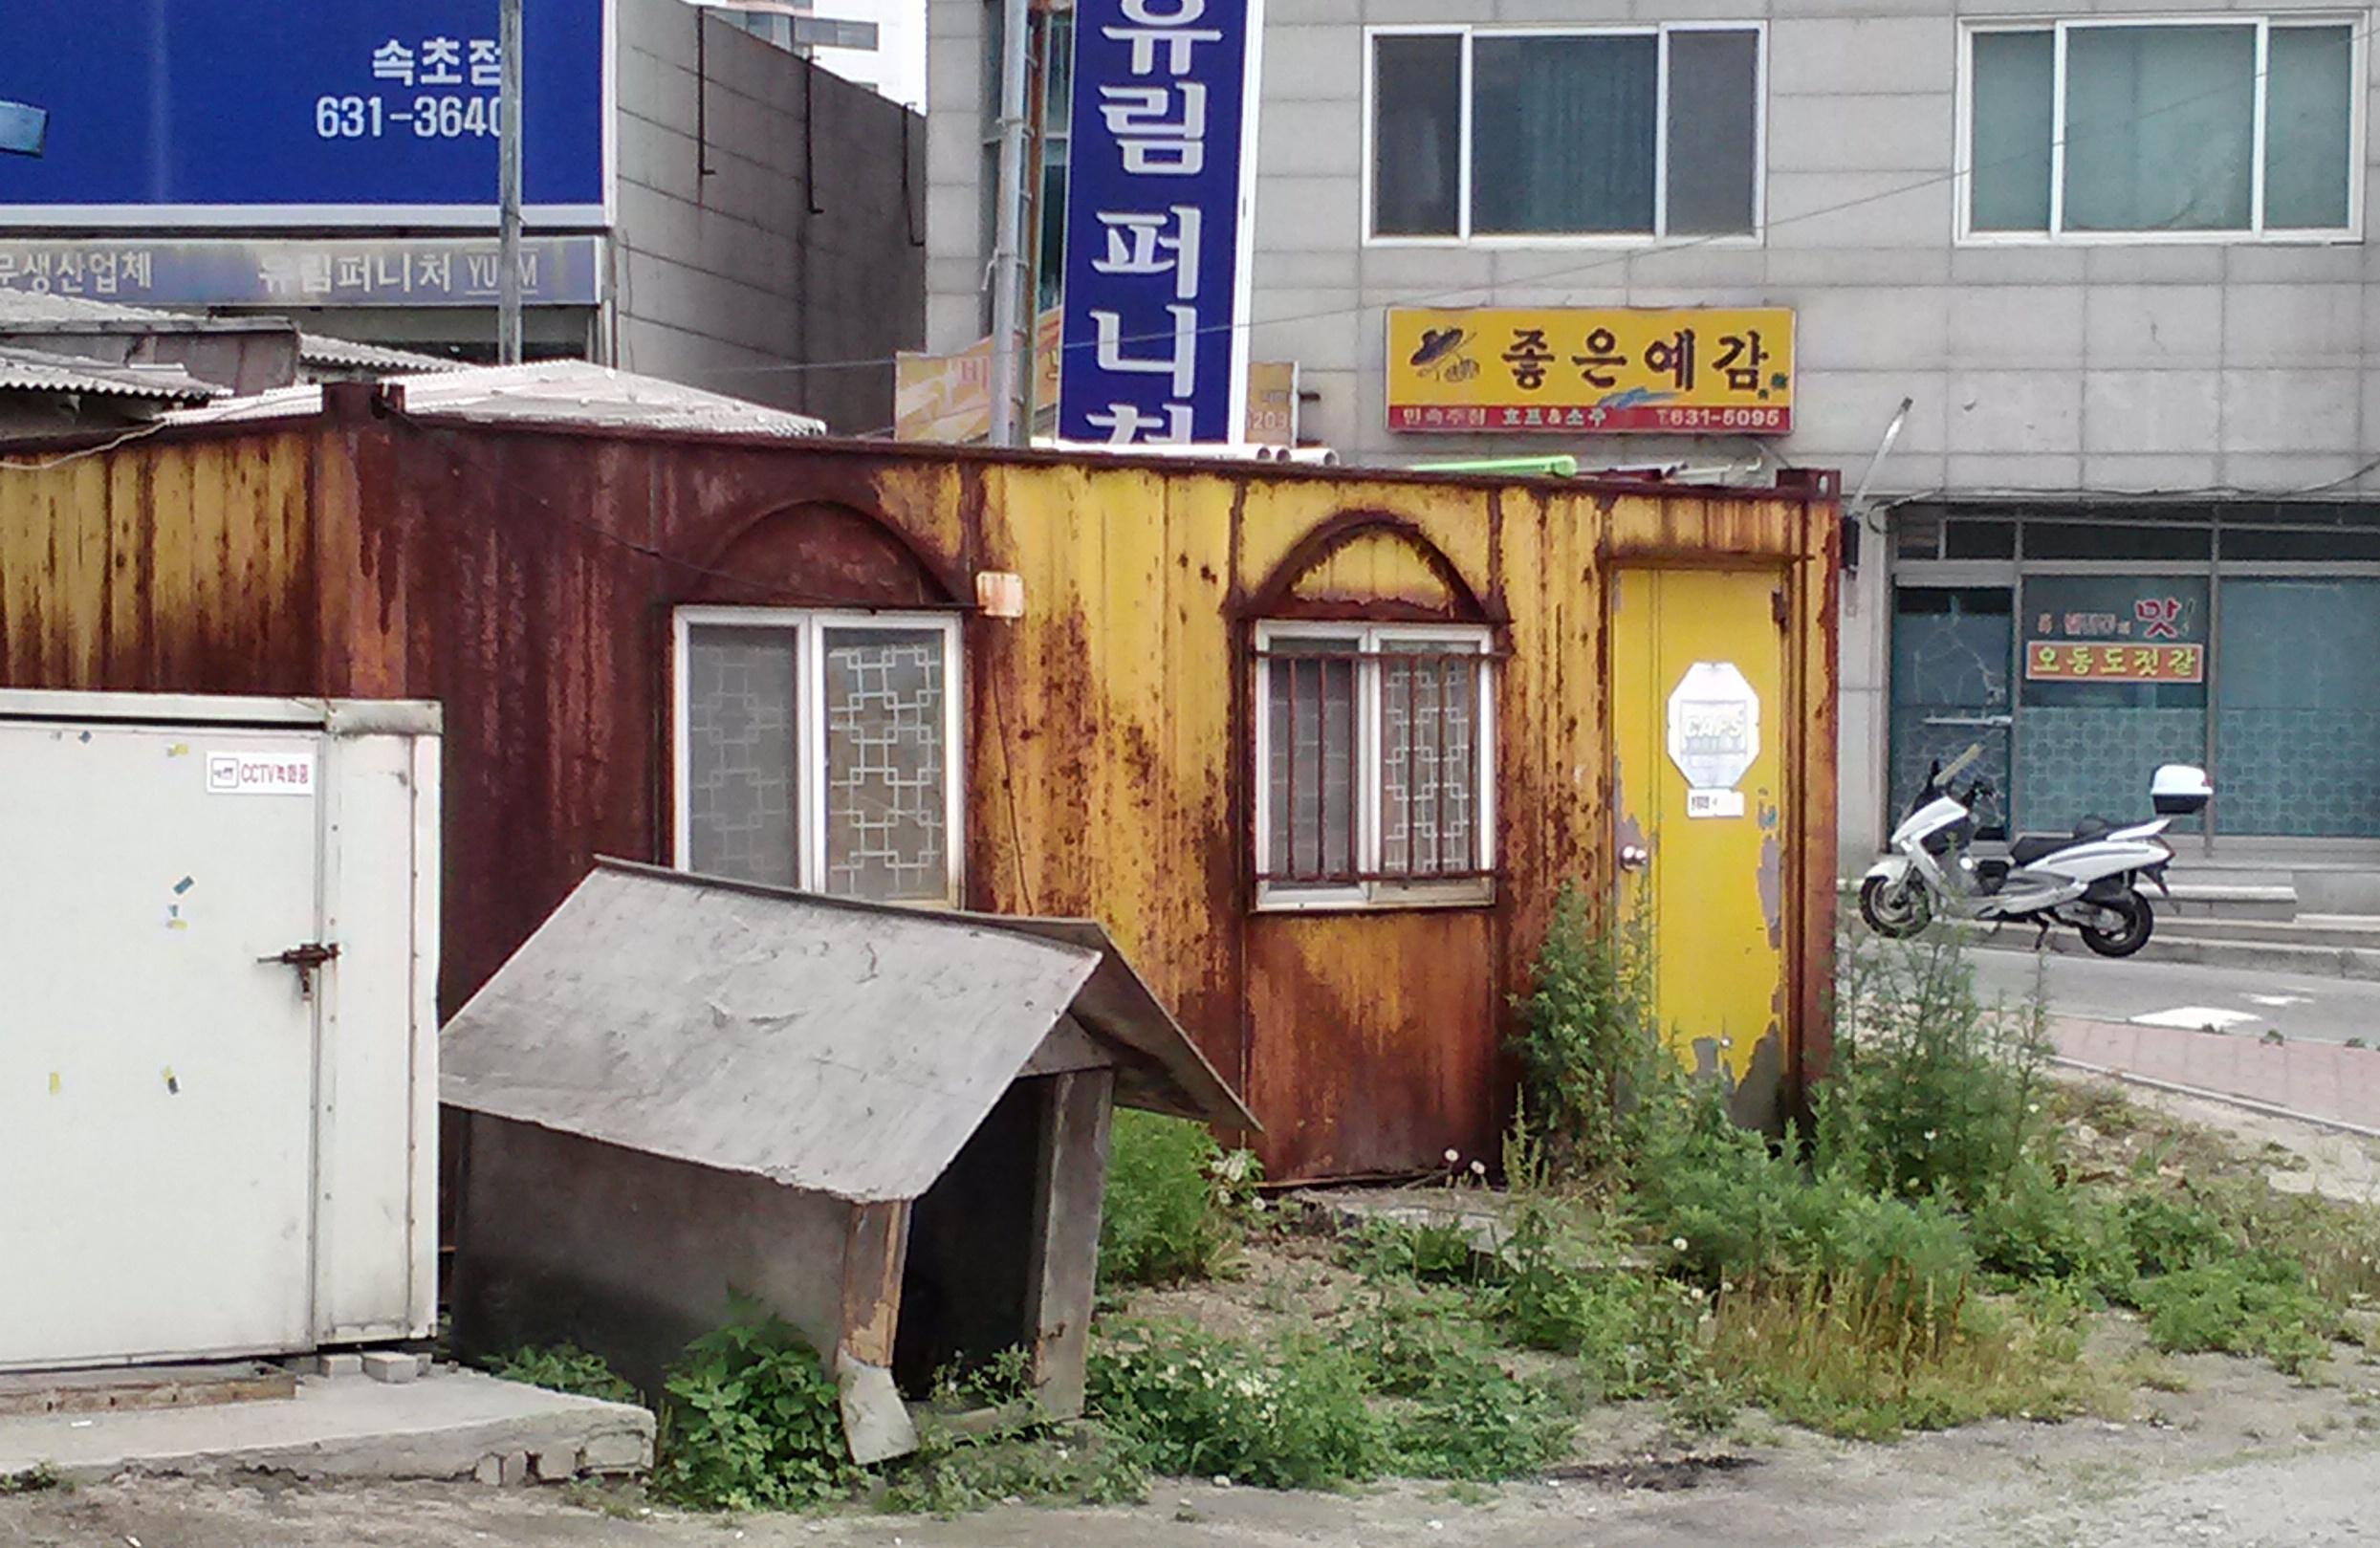 Container-Rusty1-e1415435670447.jpg